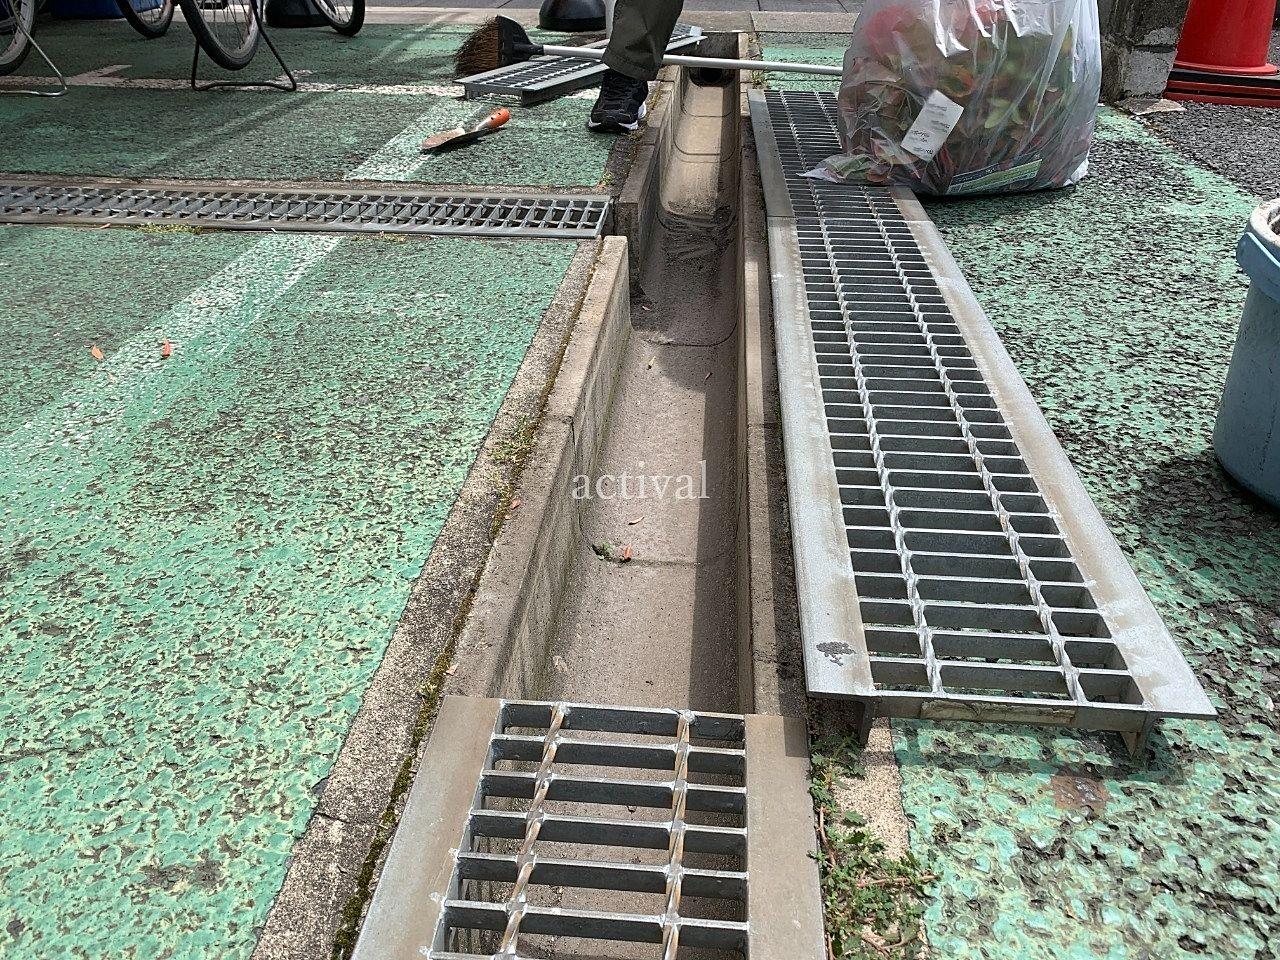 ア・ス・ヴェルデⅡ排水溝の掃除です。